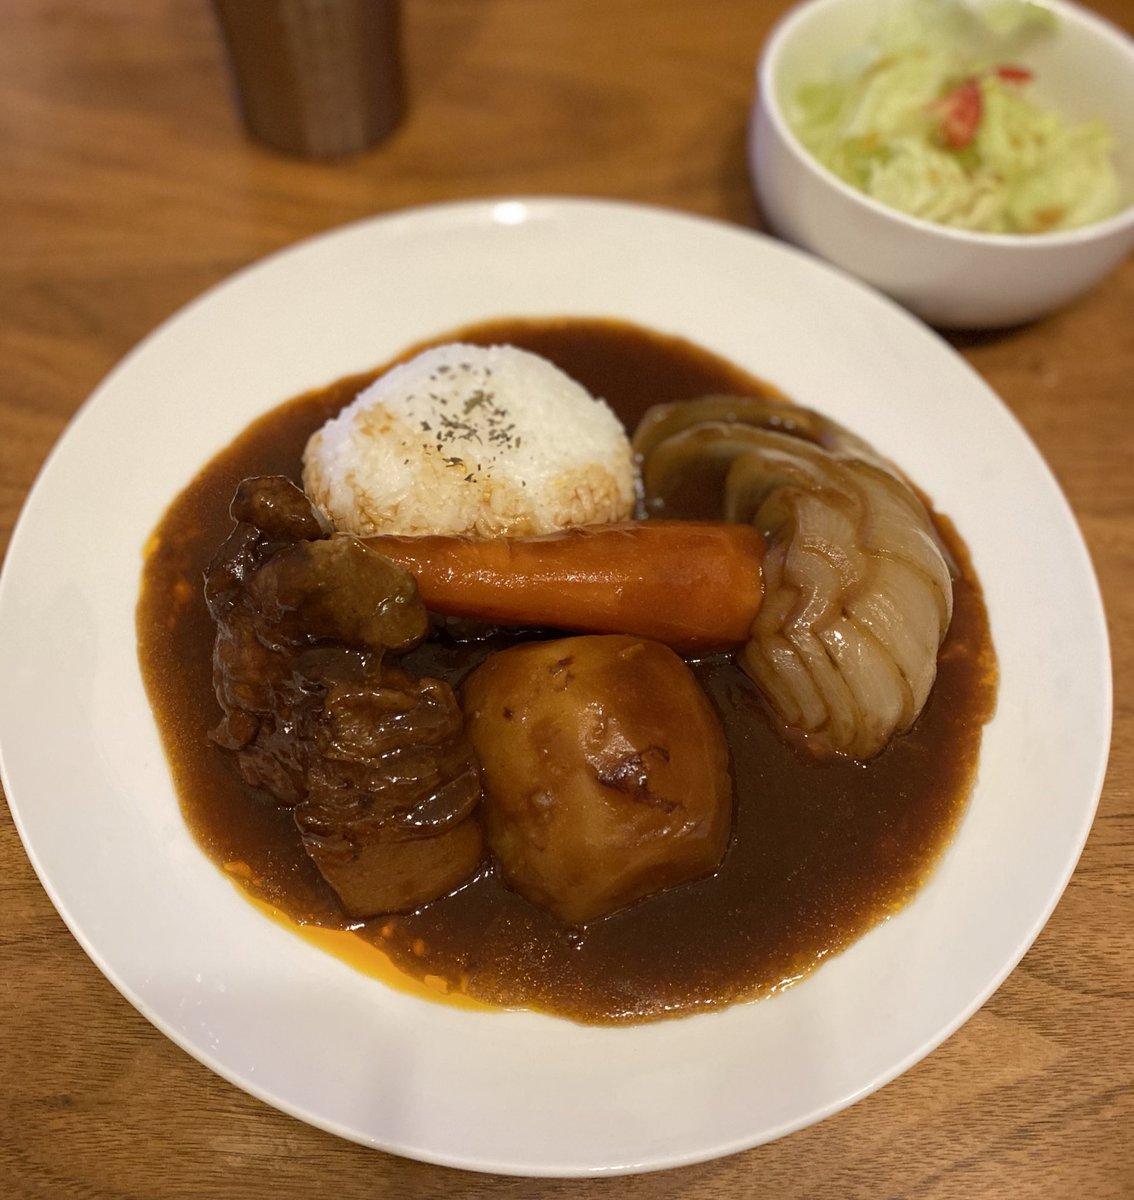 「炊飯器ほったらかし料理」サイコー✨今日の晩ご飯のポークシチュー🐷牛は高いので😅豚肉柔らかです💡かたまりの肉とかたまり野菜をぶち込んでスイッチオン!ほったらかしてる時間でブログを執筆!#飯テロ#料理男子#炊飯器#ブログ初心者と繋がりたい#主夫#起業#副業#わださん家